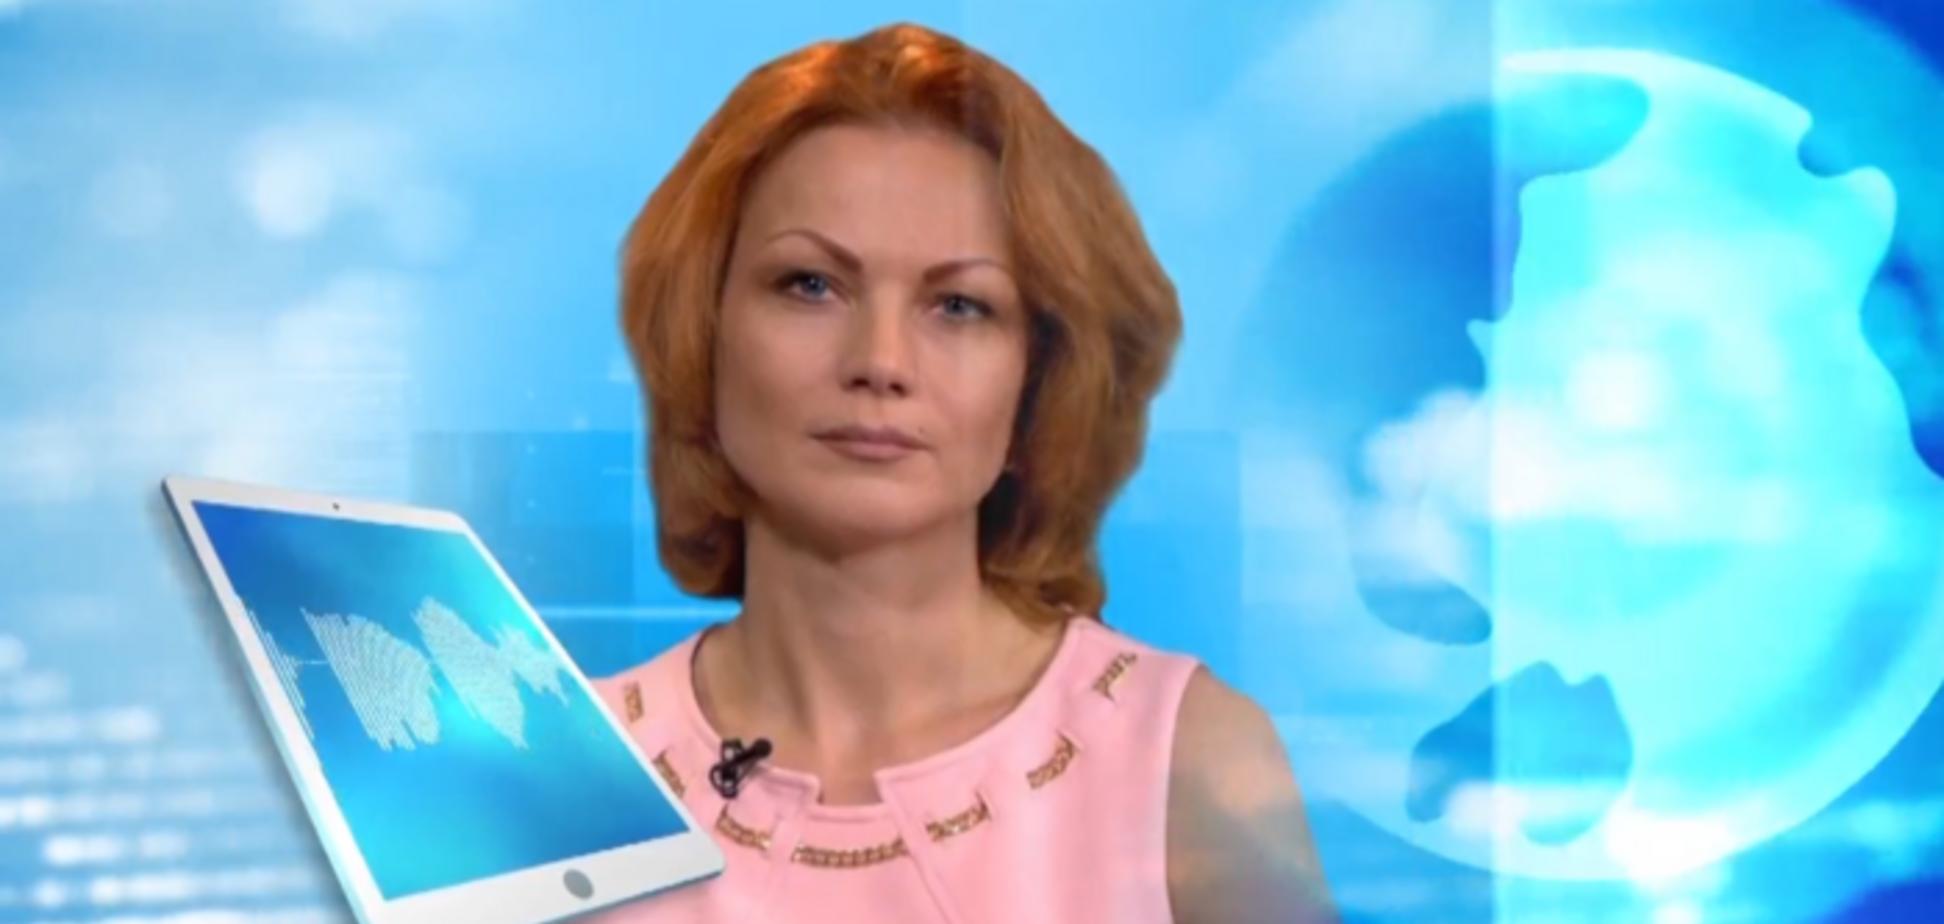 Россия уже привыкла: эксперт объяснила, почему санкции по Крыму неизбежно будут продолжаться